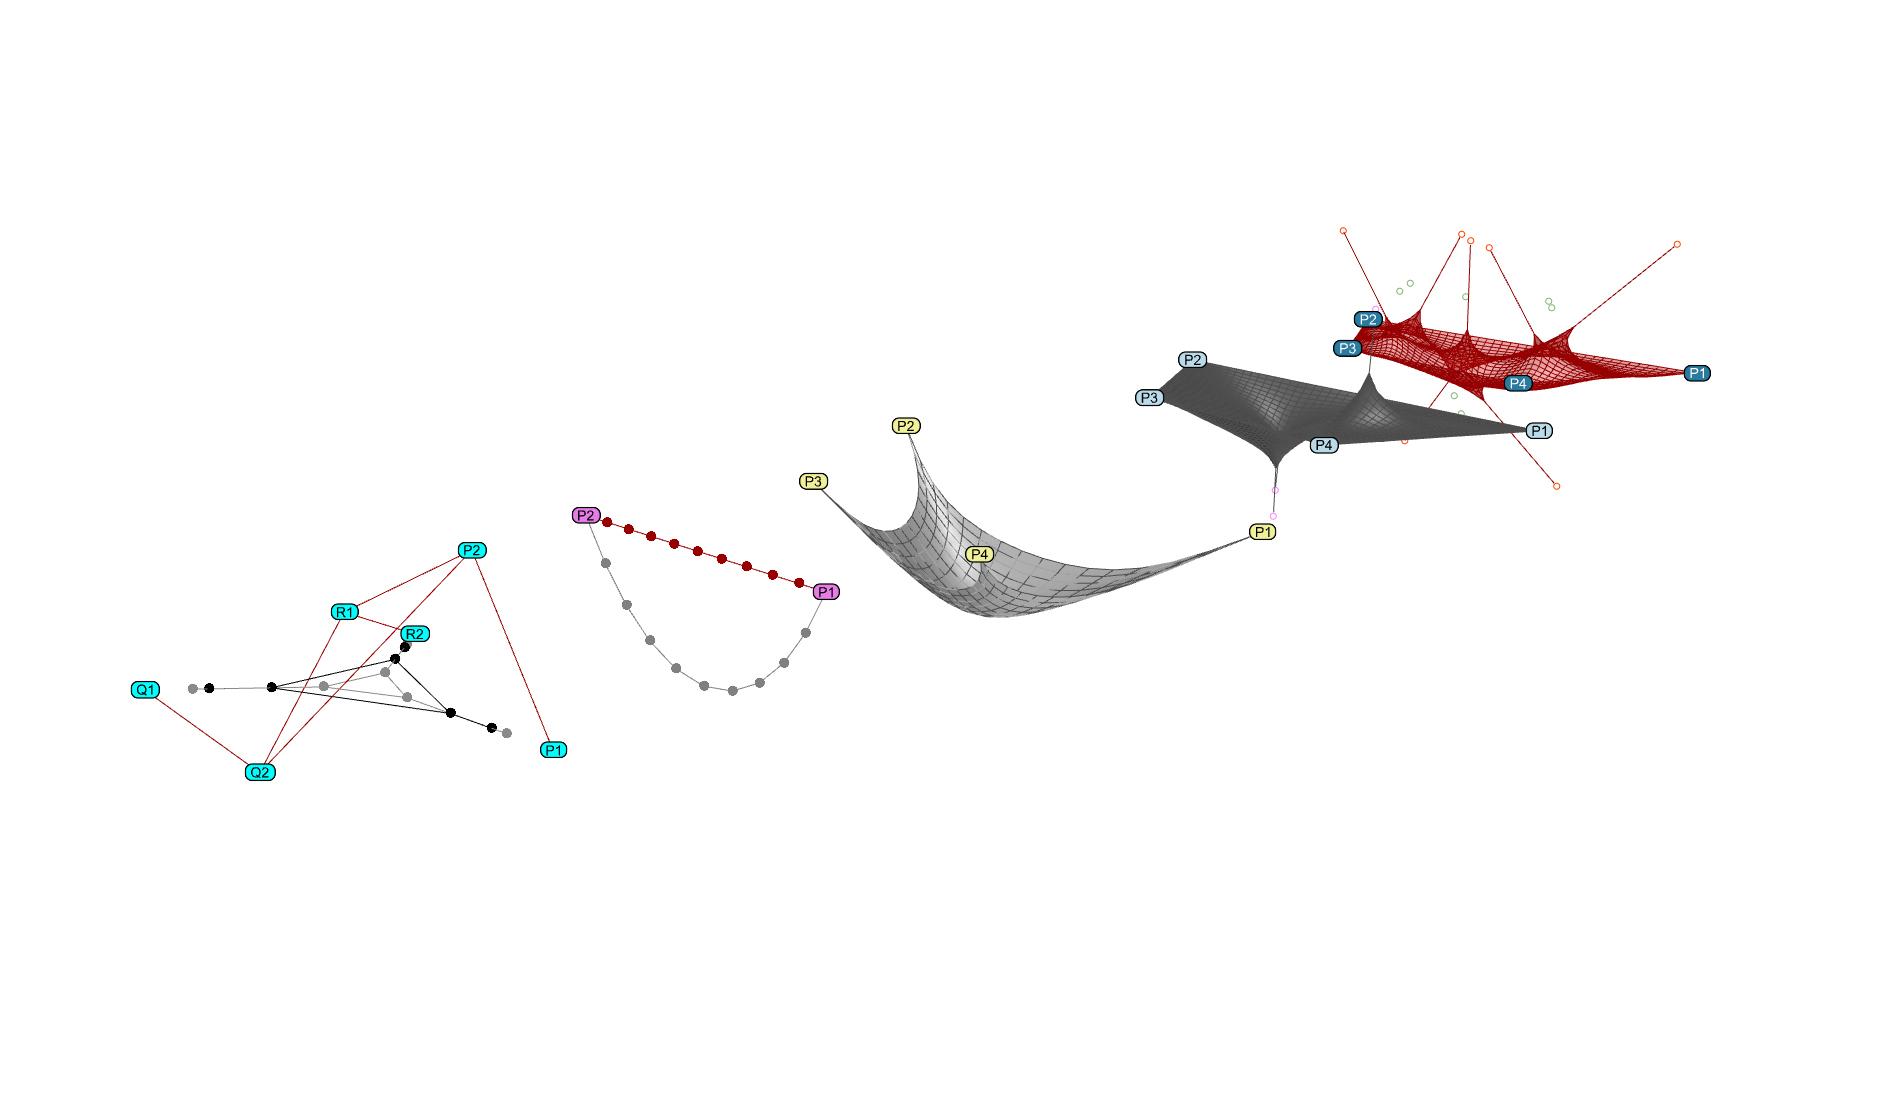 Verschiedene Beispiele der digitalen Simulation